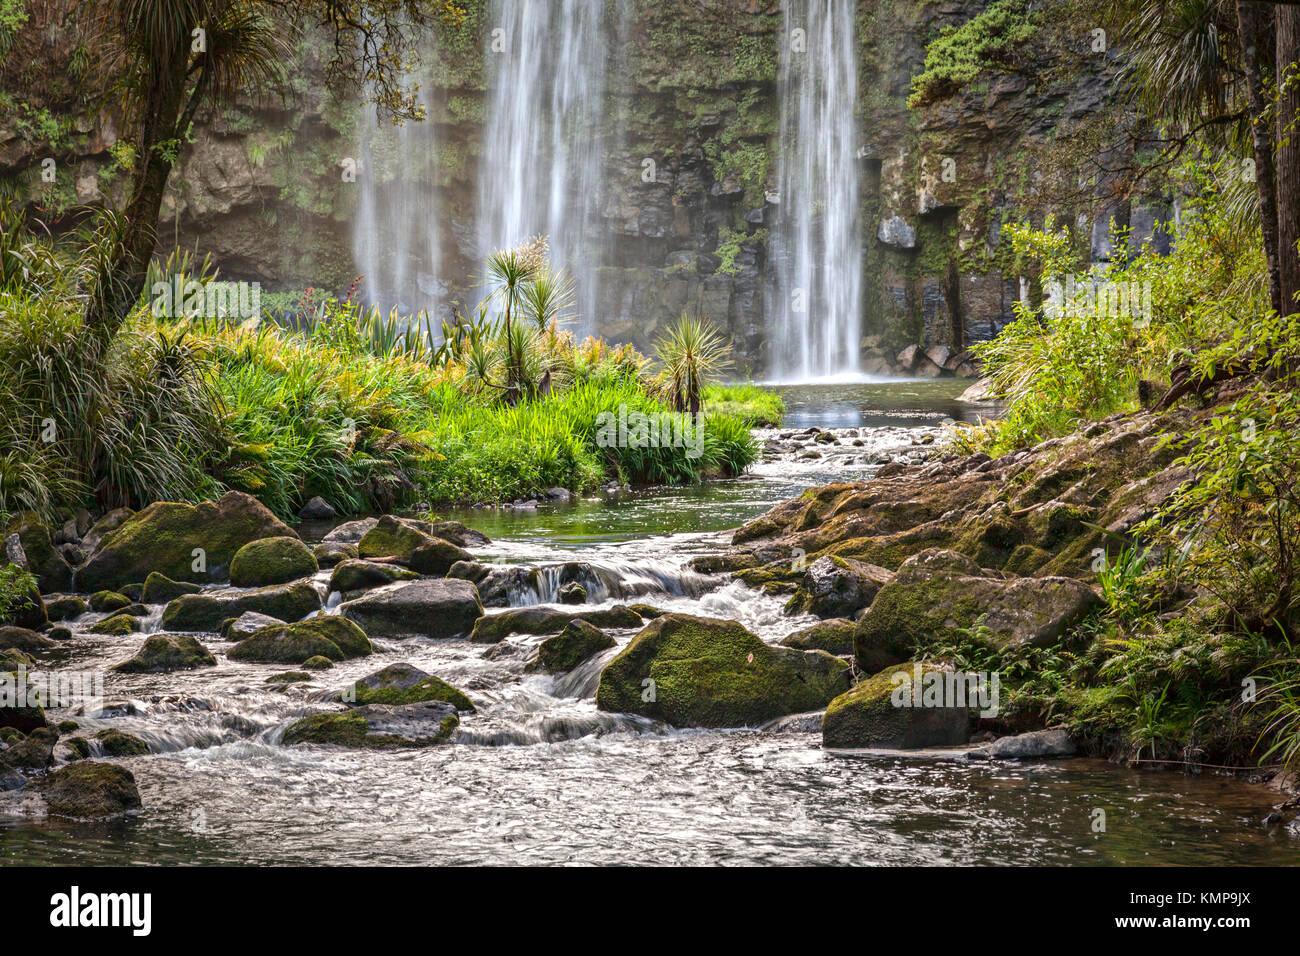 La rivière Hatea au-dessous de la région de Northland Whangarei, Nouvelle Zélande. Photo Stock